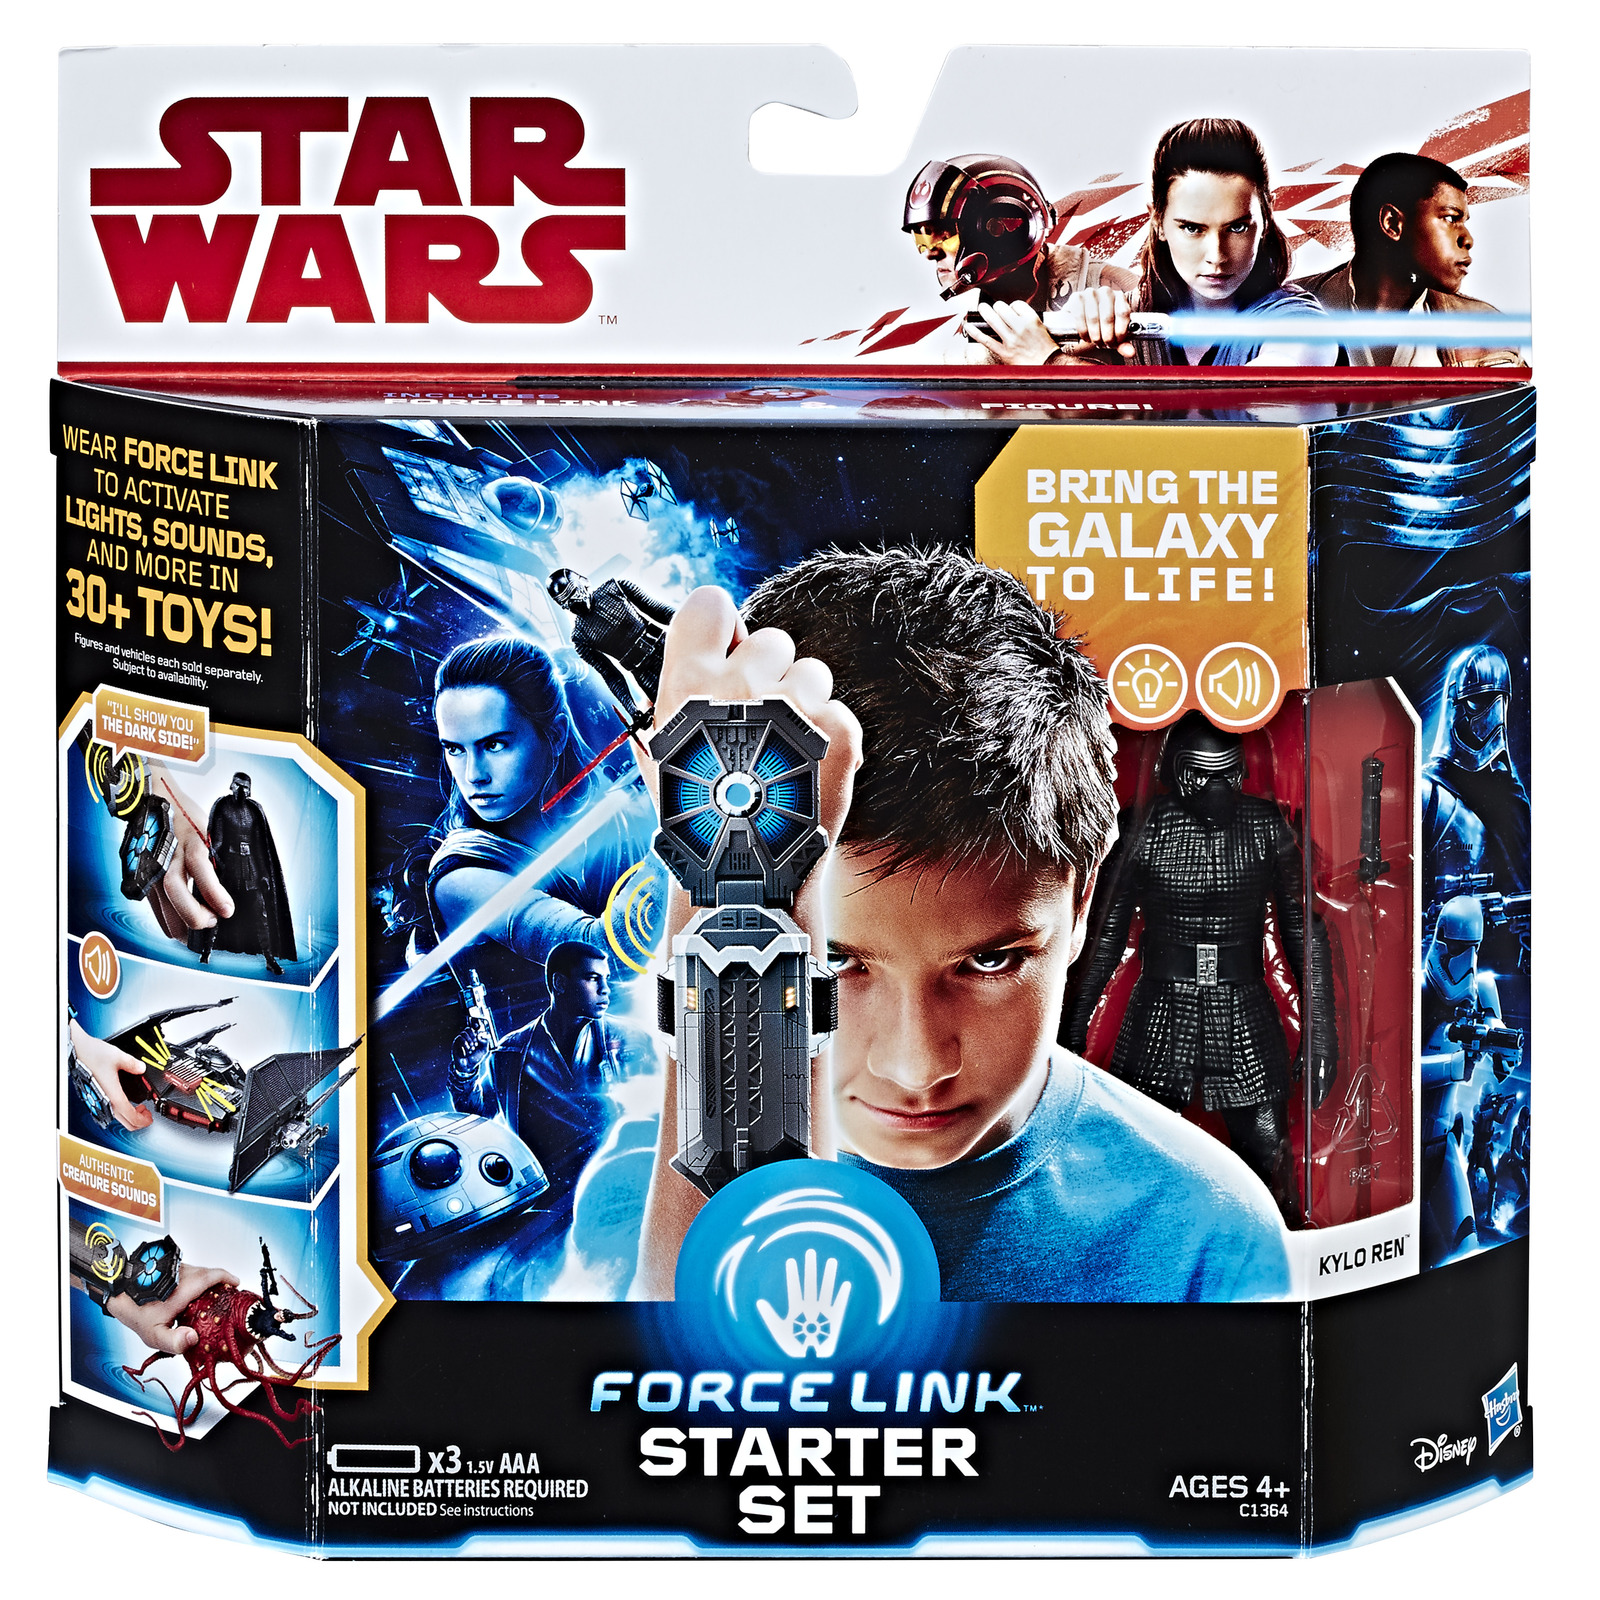 Star Wars: Force Link Starter image